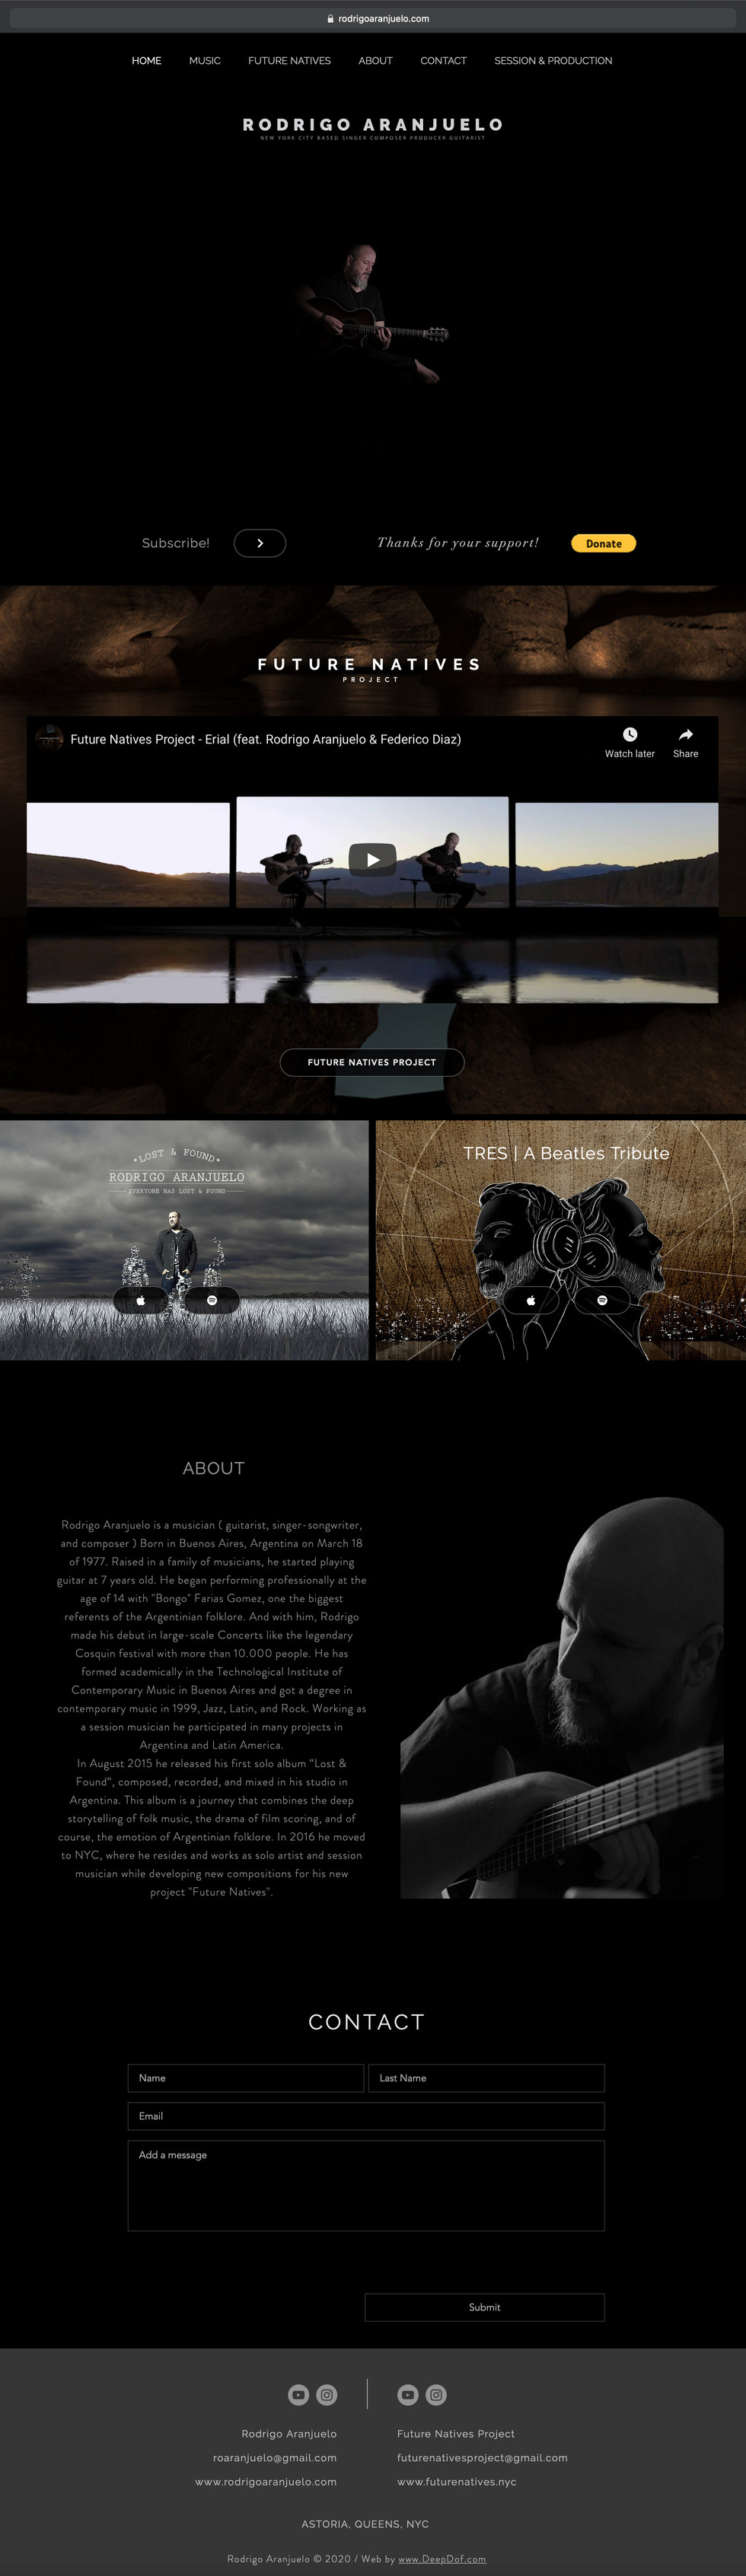 Rodrigo Aranjuelo WEB cap 01.jpg